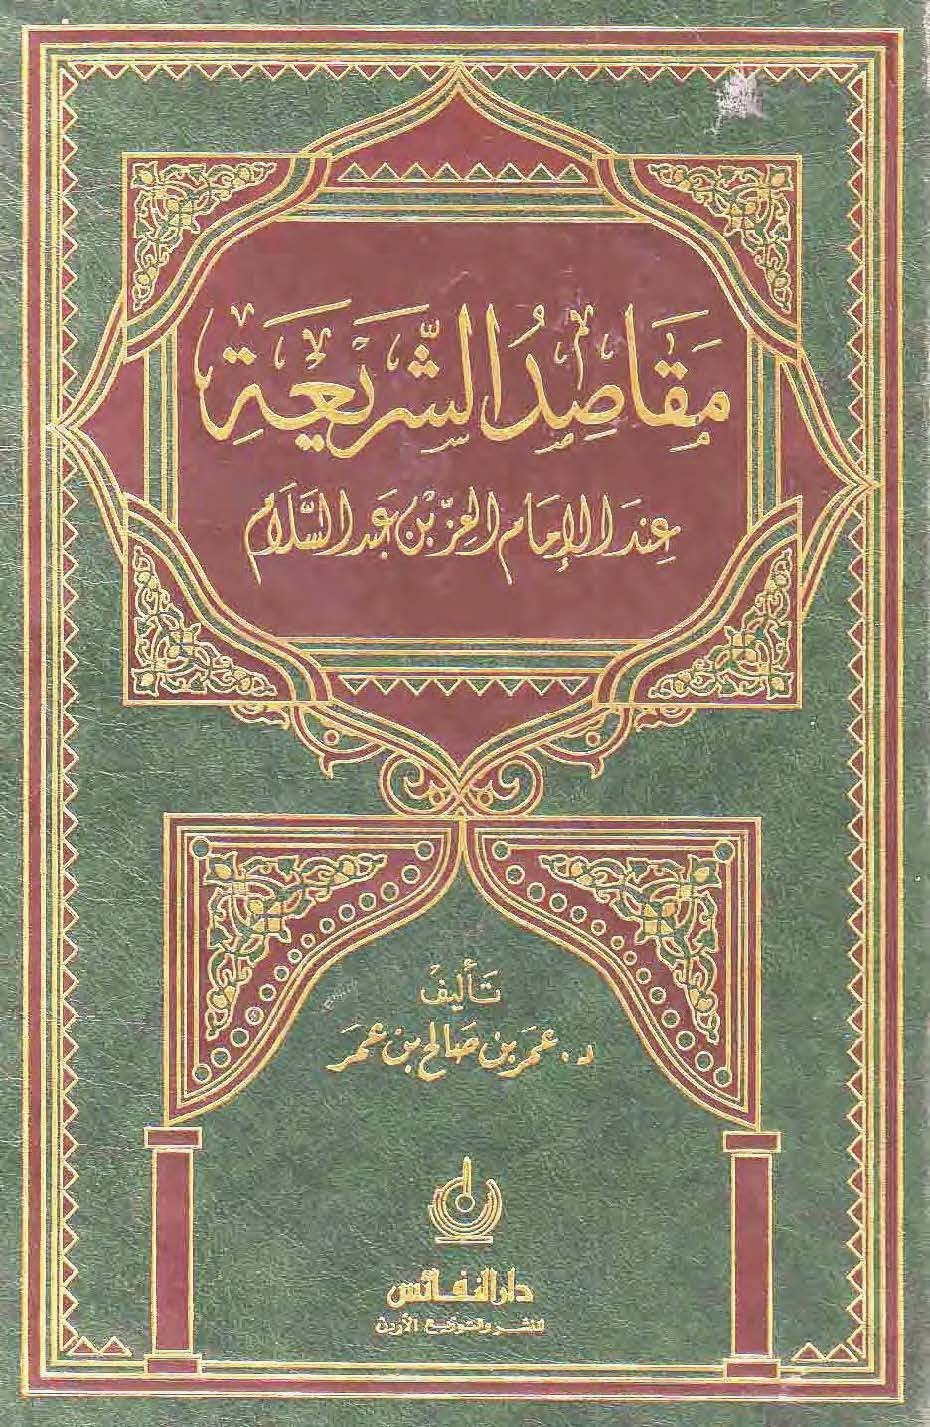 مقاصد الشريعة عبد الإمام العز بن عبد السلام - عمر بن صالح بن عمر